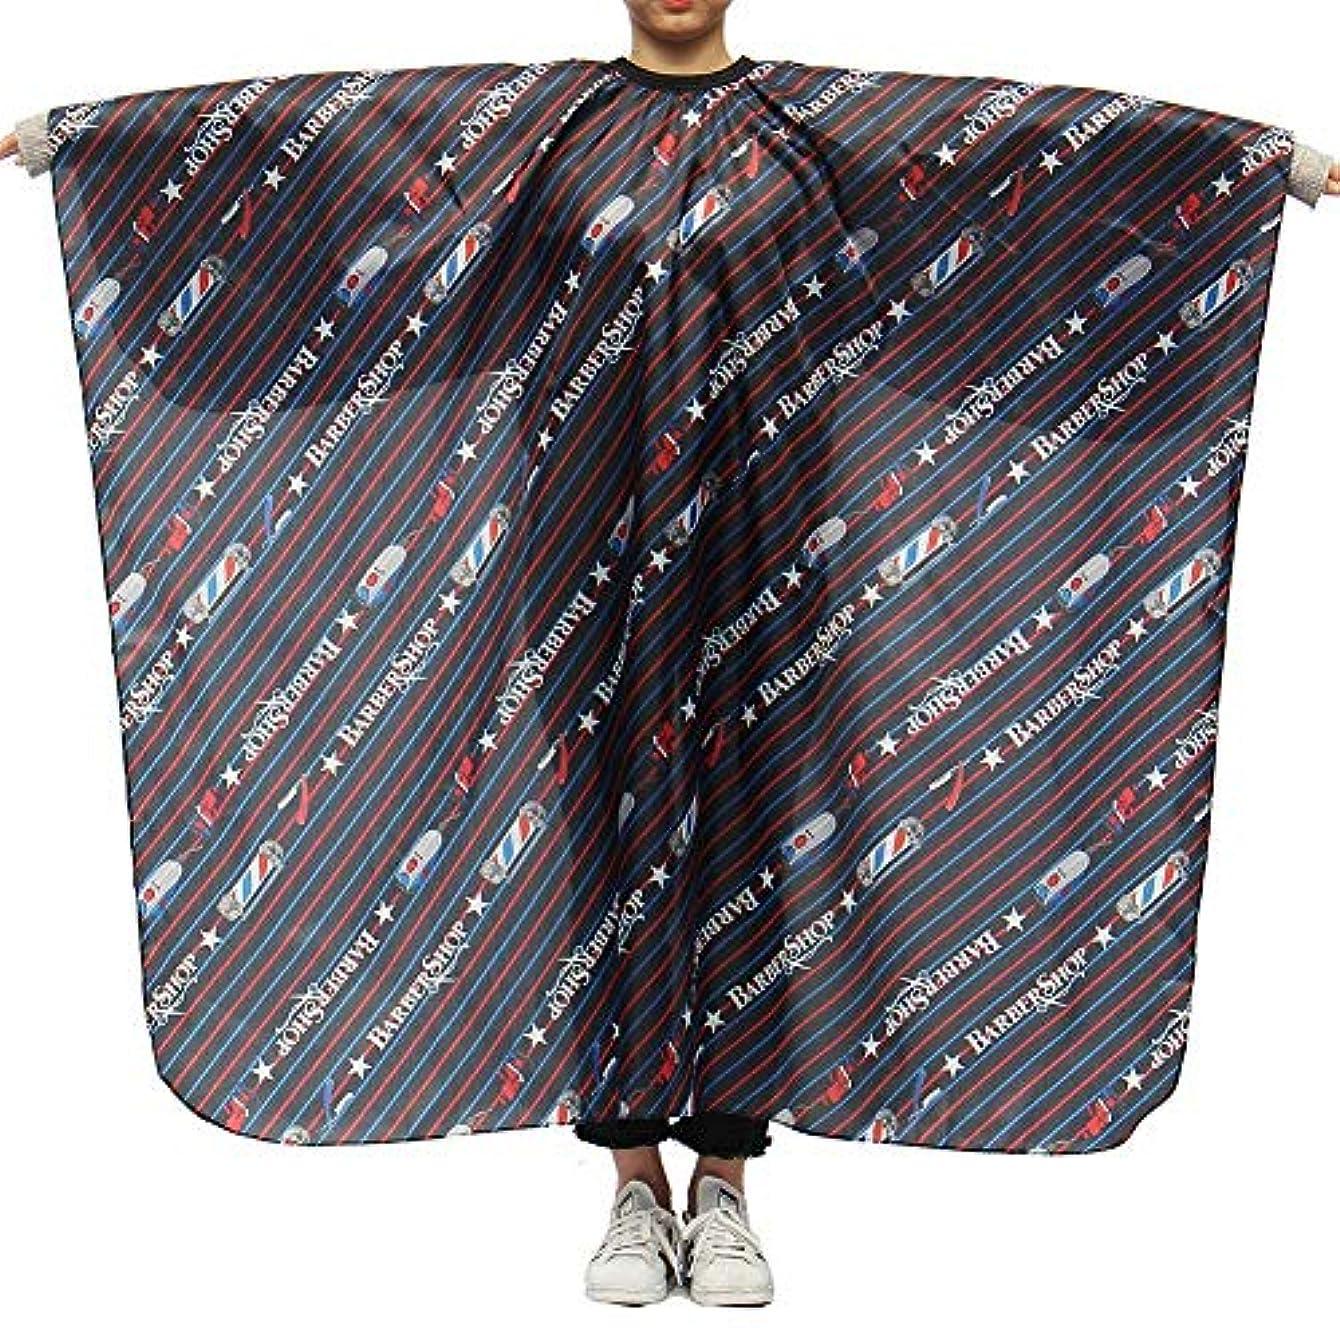 手首衝突する連隊Ling(リンー)-ビューティー 理髪ケープ 理髪布 店用 家庭用 通気性 滑らか ポリエステル製